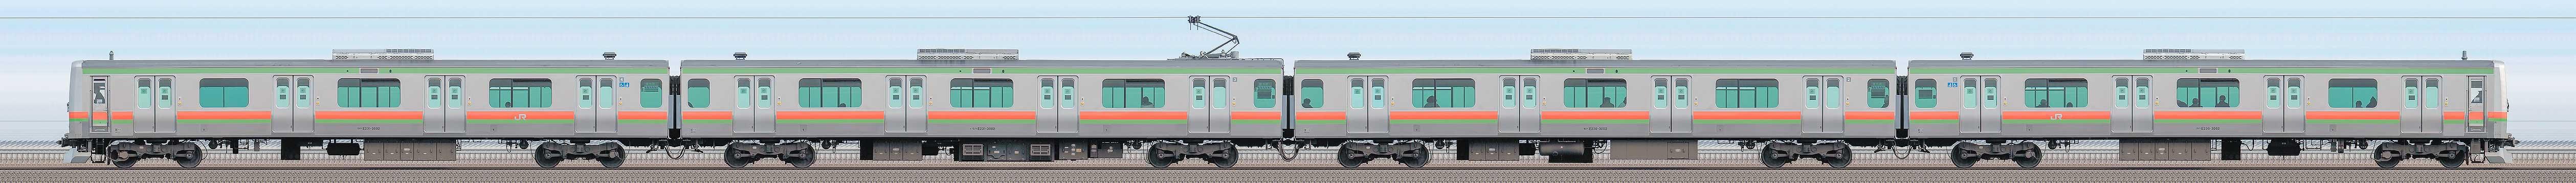 JR東日本 八高・川越線 E231系3000番台 川42編成(山側)の編成サイドビュー